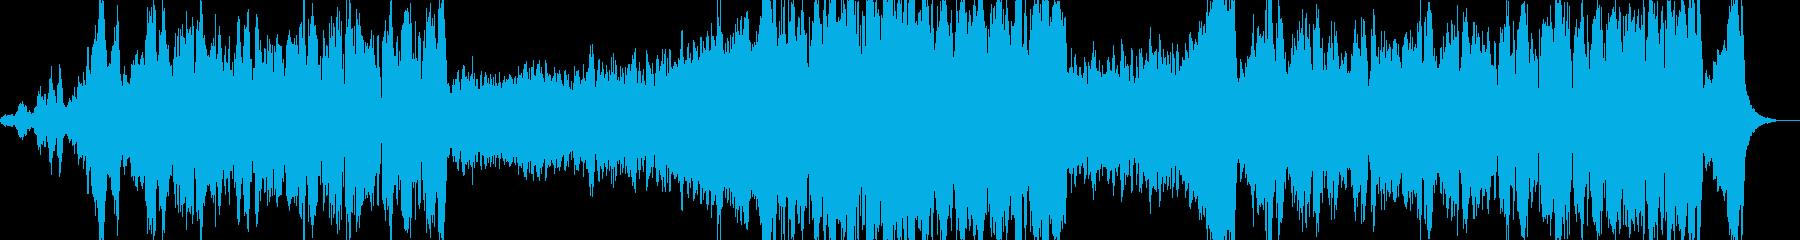 大河ドラマのオープニングっぽい曲です。の再生済みの波形